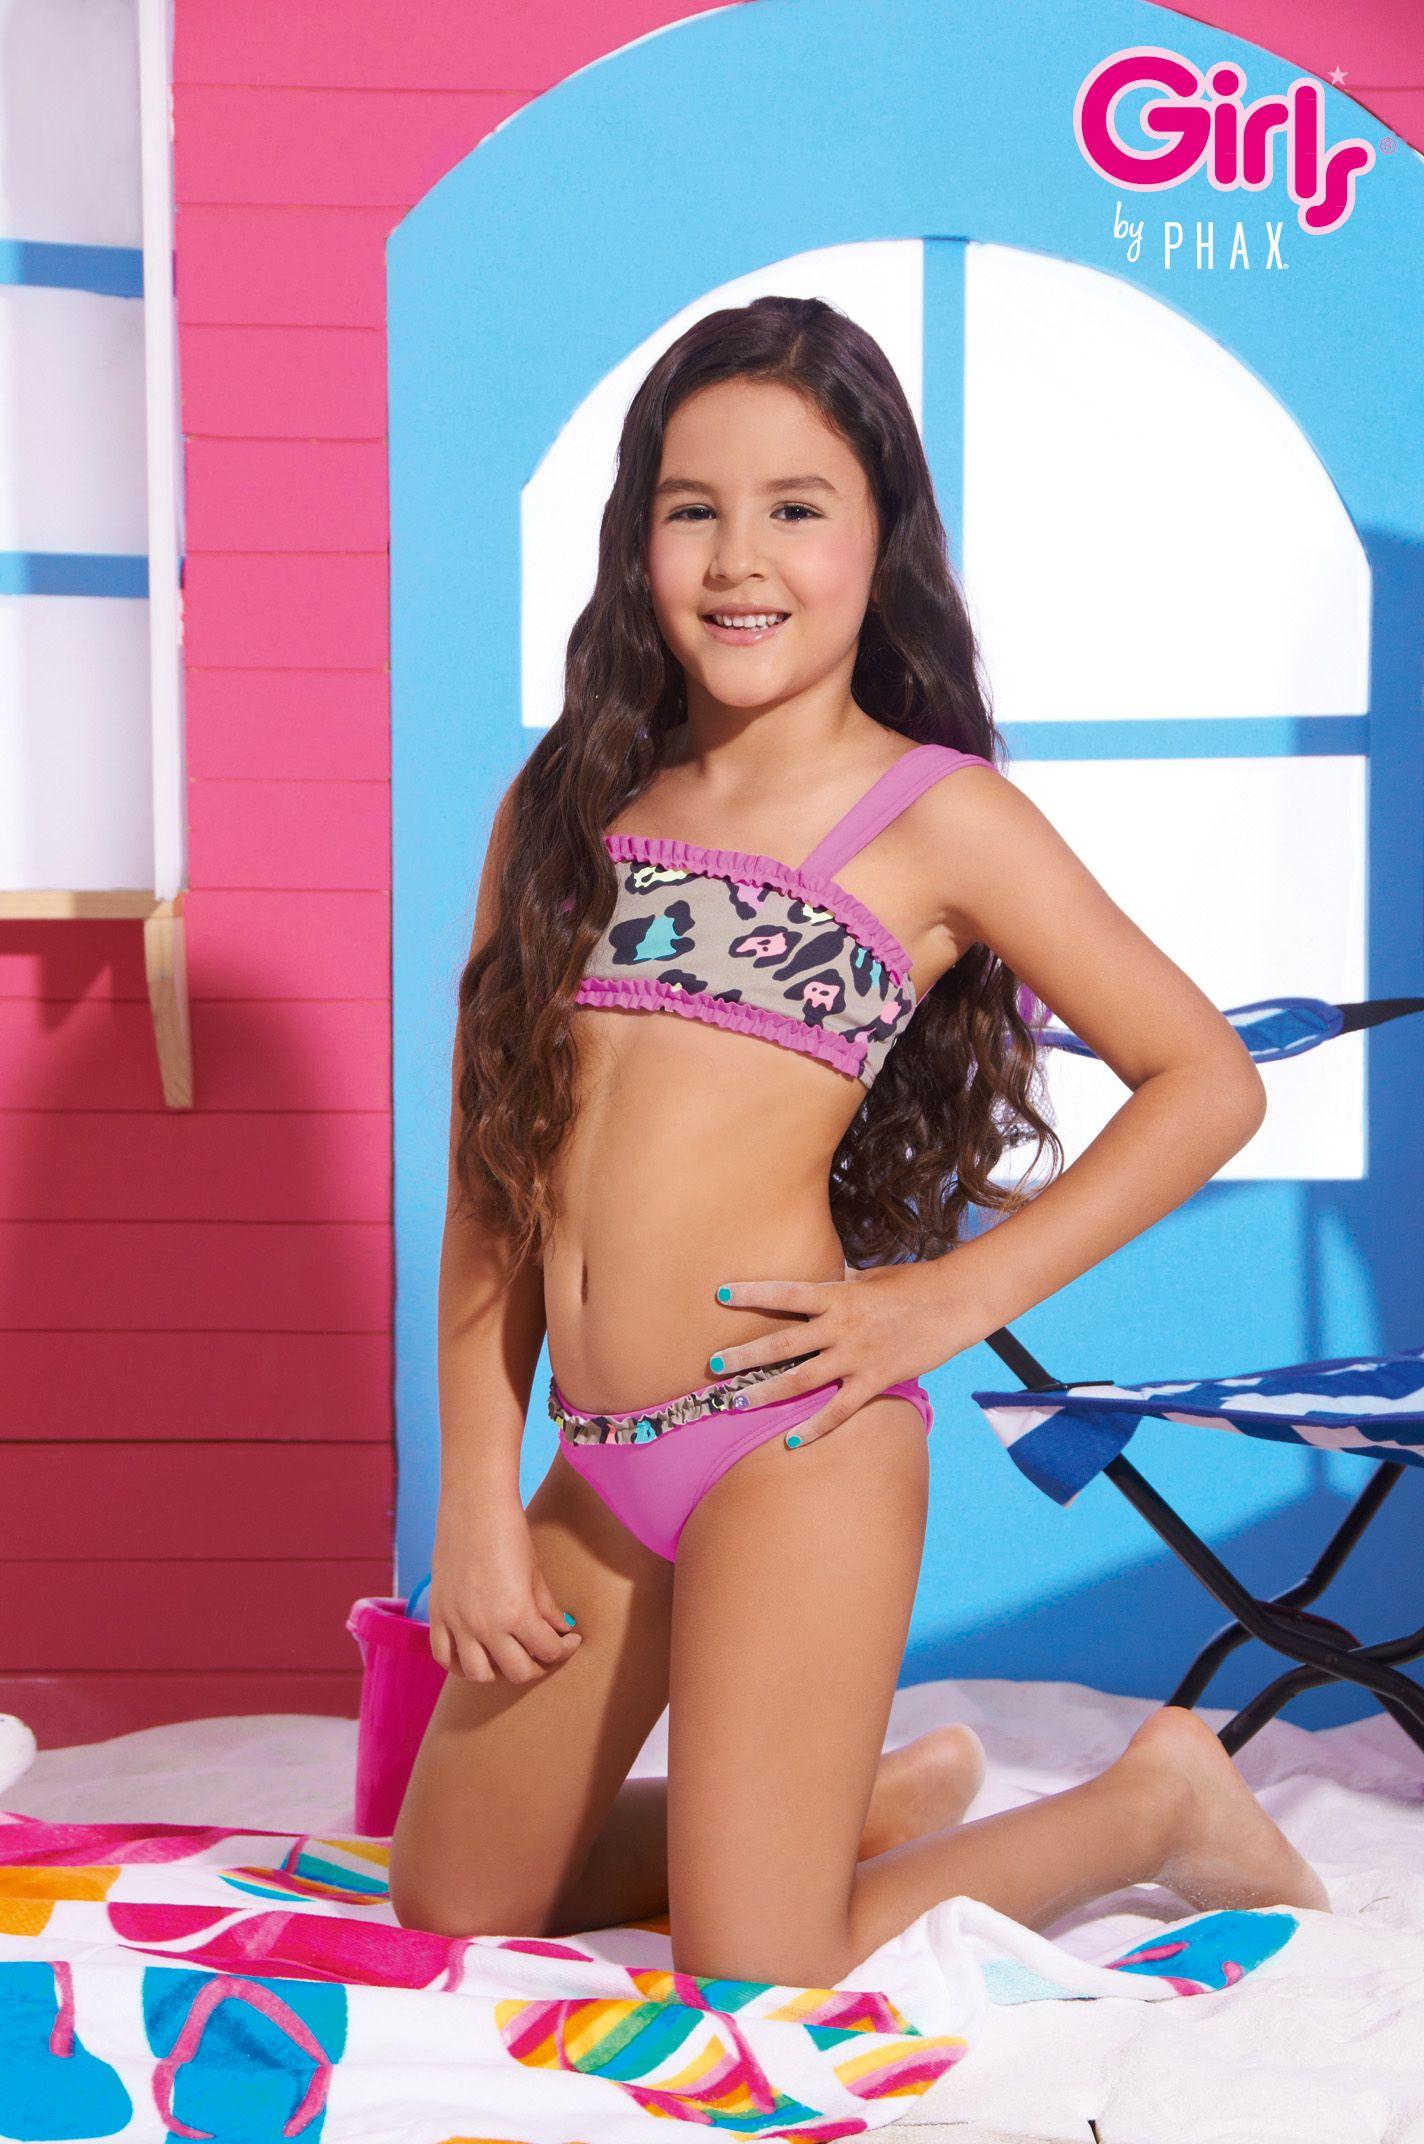 2c08c68ca44951 Bikini Girls by PHAX